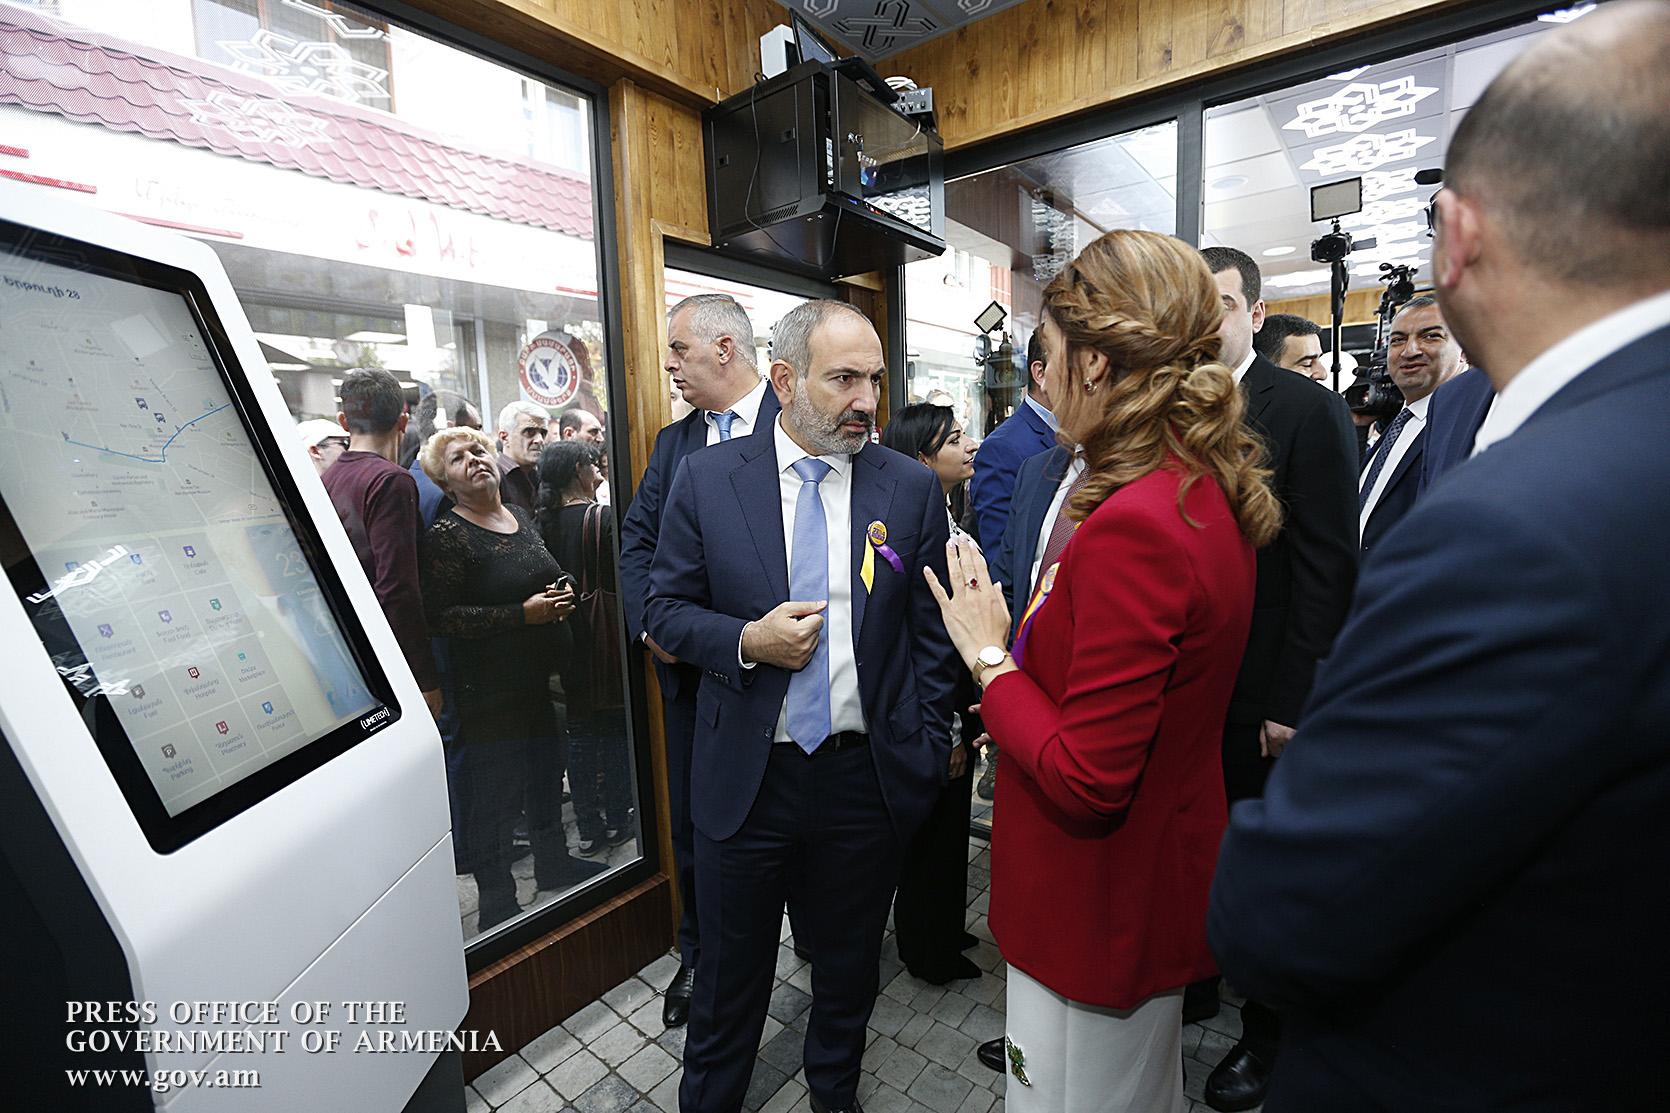 Gyumri, Etchmiadzin, Nikol Pashinyan, smart stop